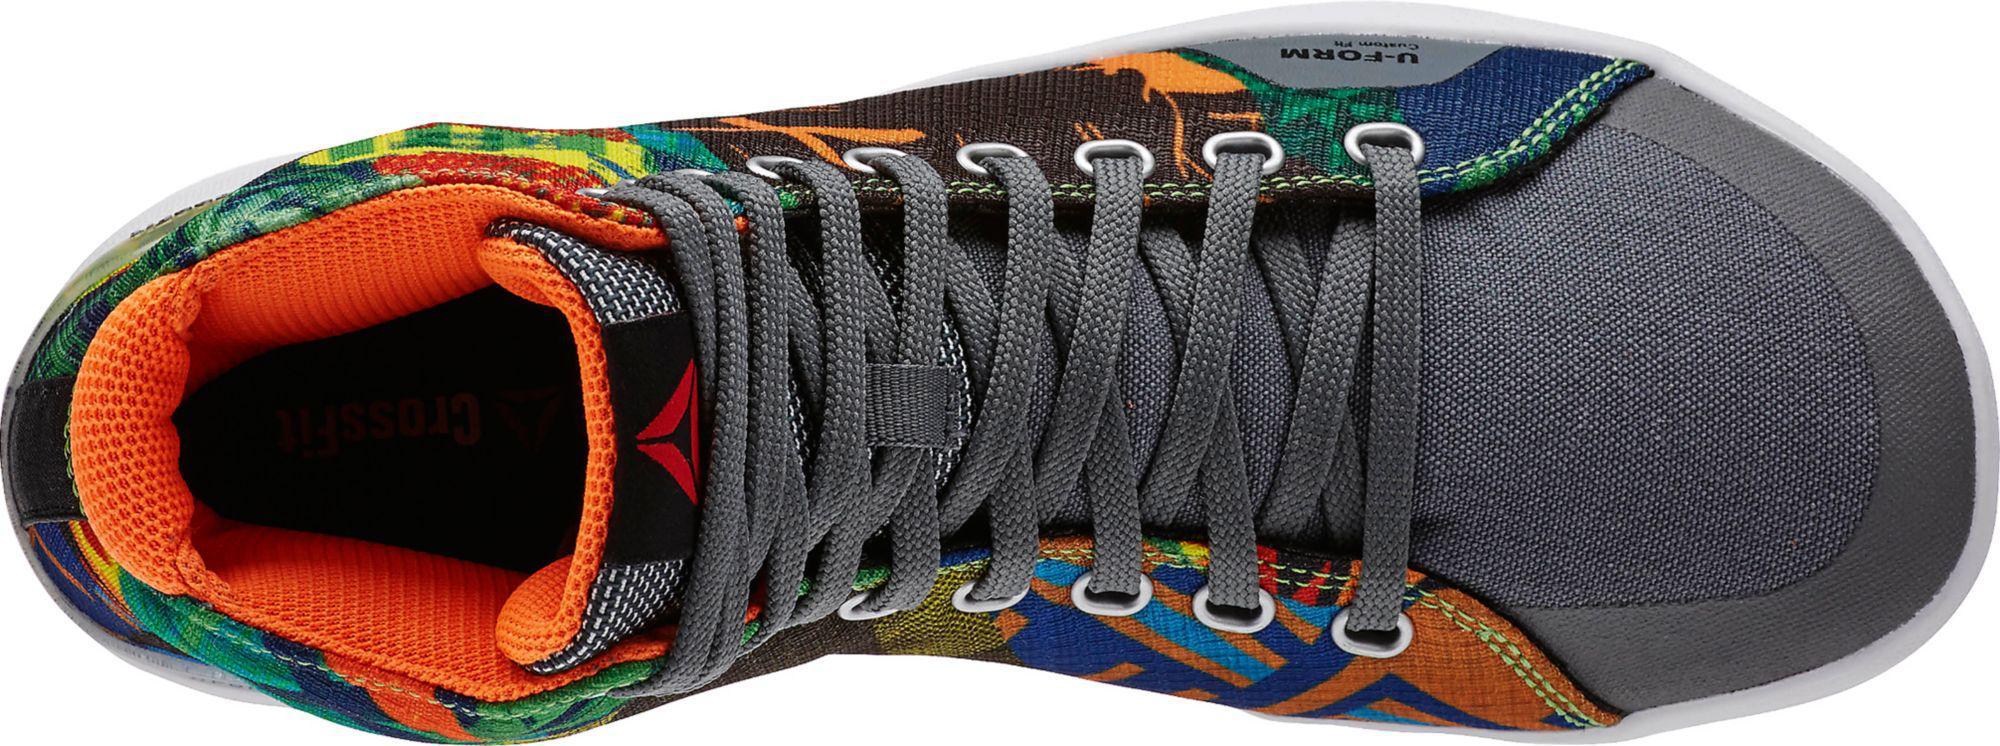 f2c350b16df2b3 Lyst - Reebok Crossfit Lite Tr 2.0 Training Shoes for Men